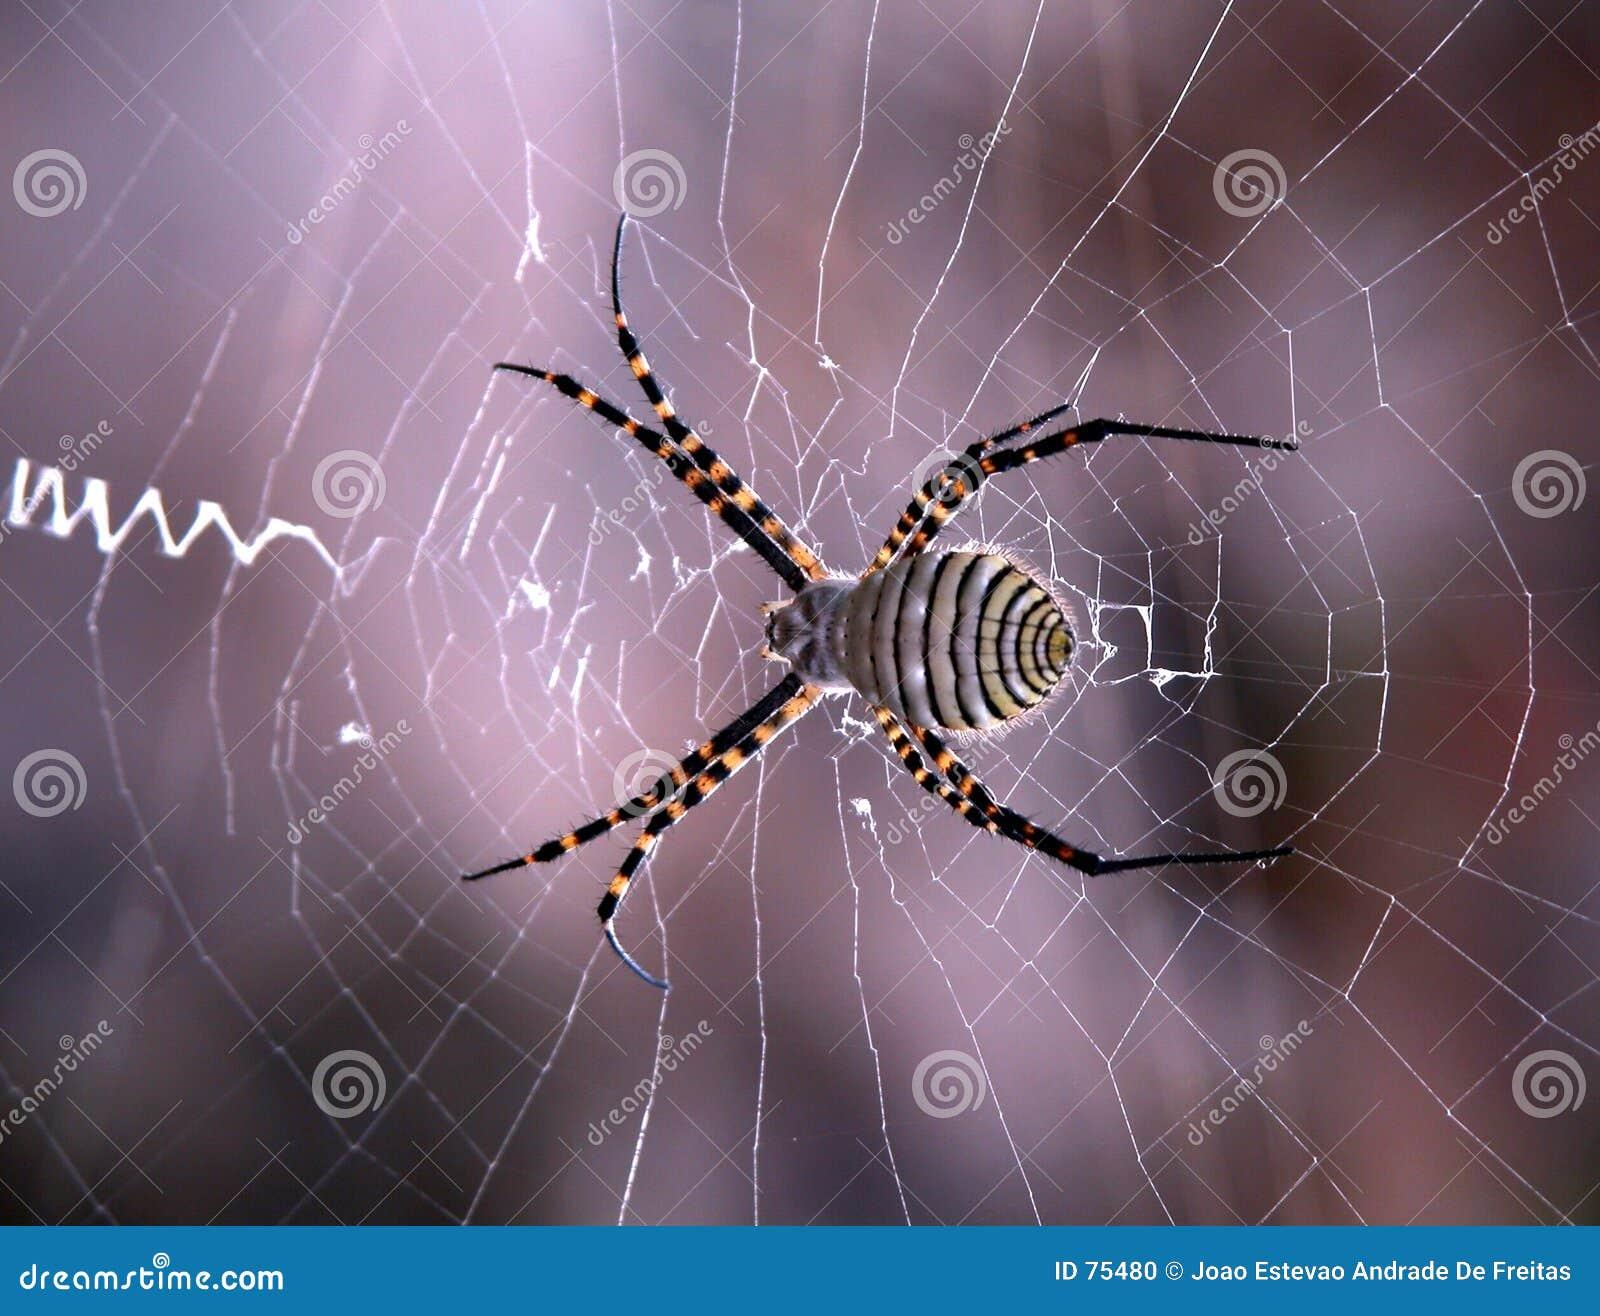 Explo Web